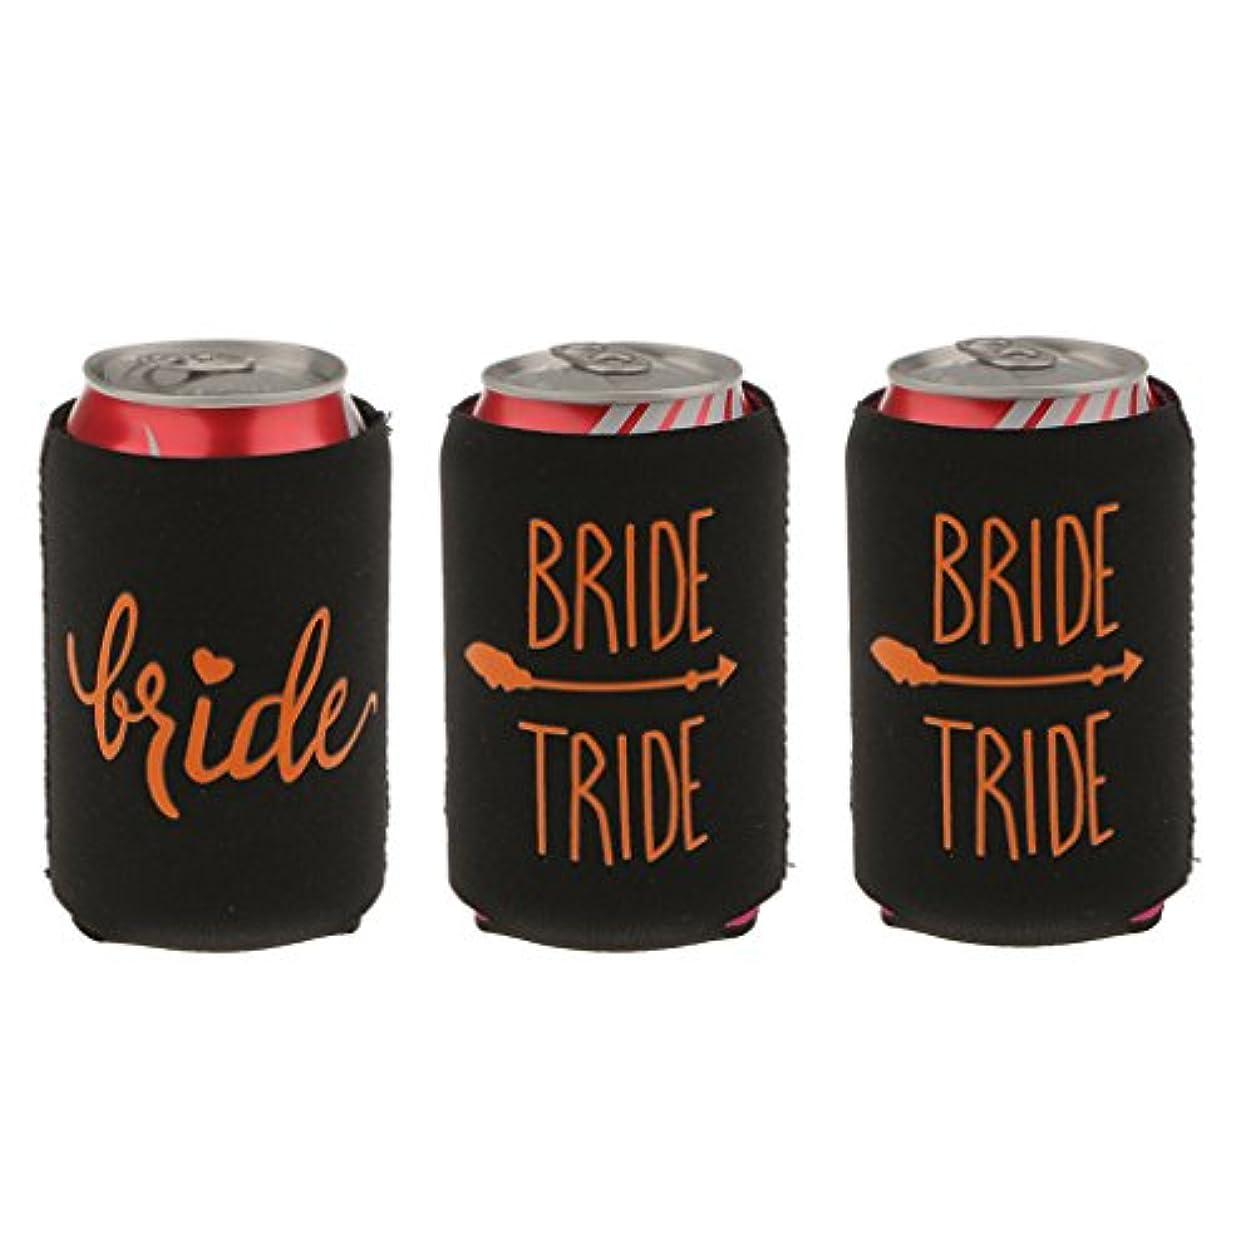 ディーラー首内訳3枚セット 缶クーラー スリーブ カバー 缶クージー スズ 保冷 保温 ビール コーヒー ネオプレン